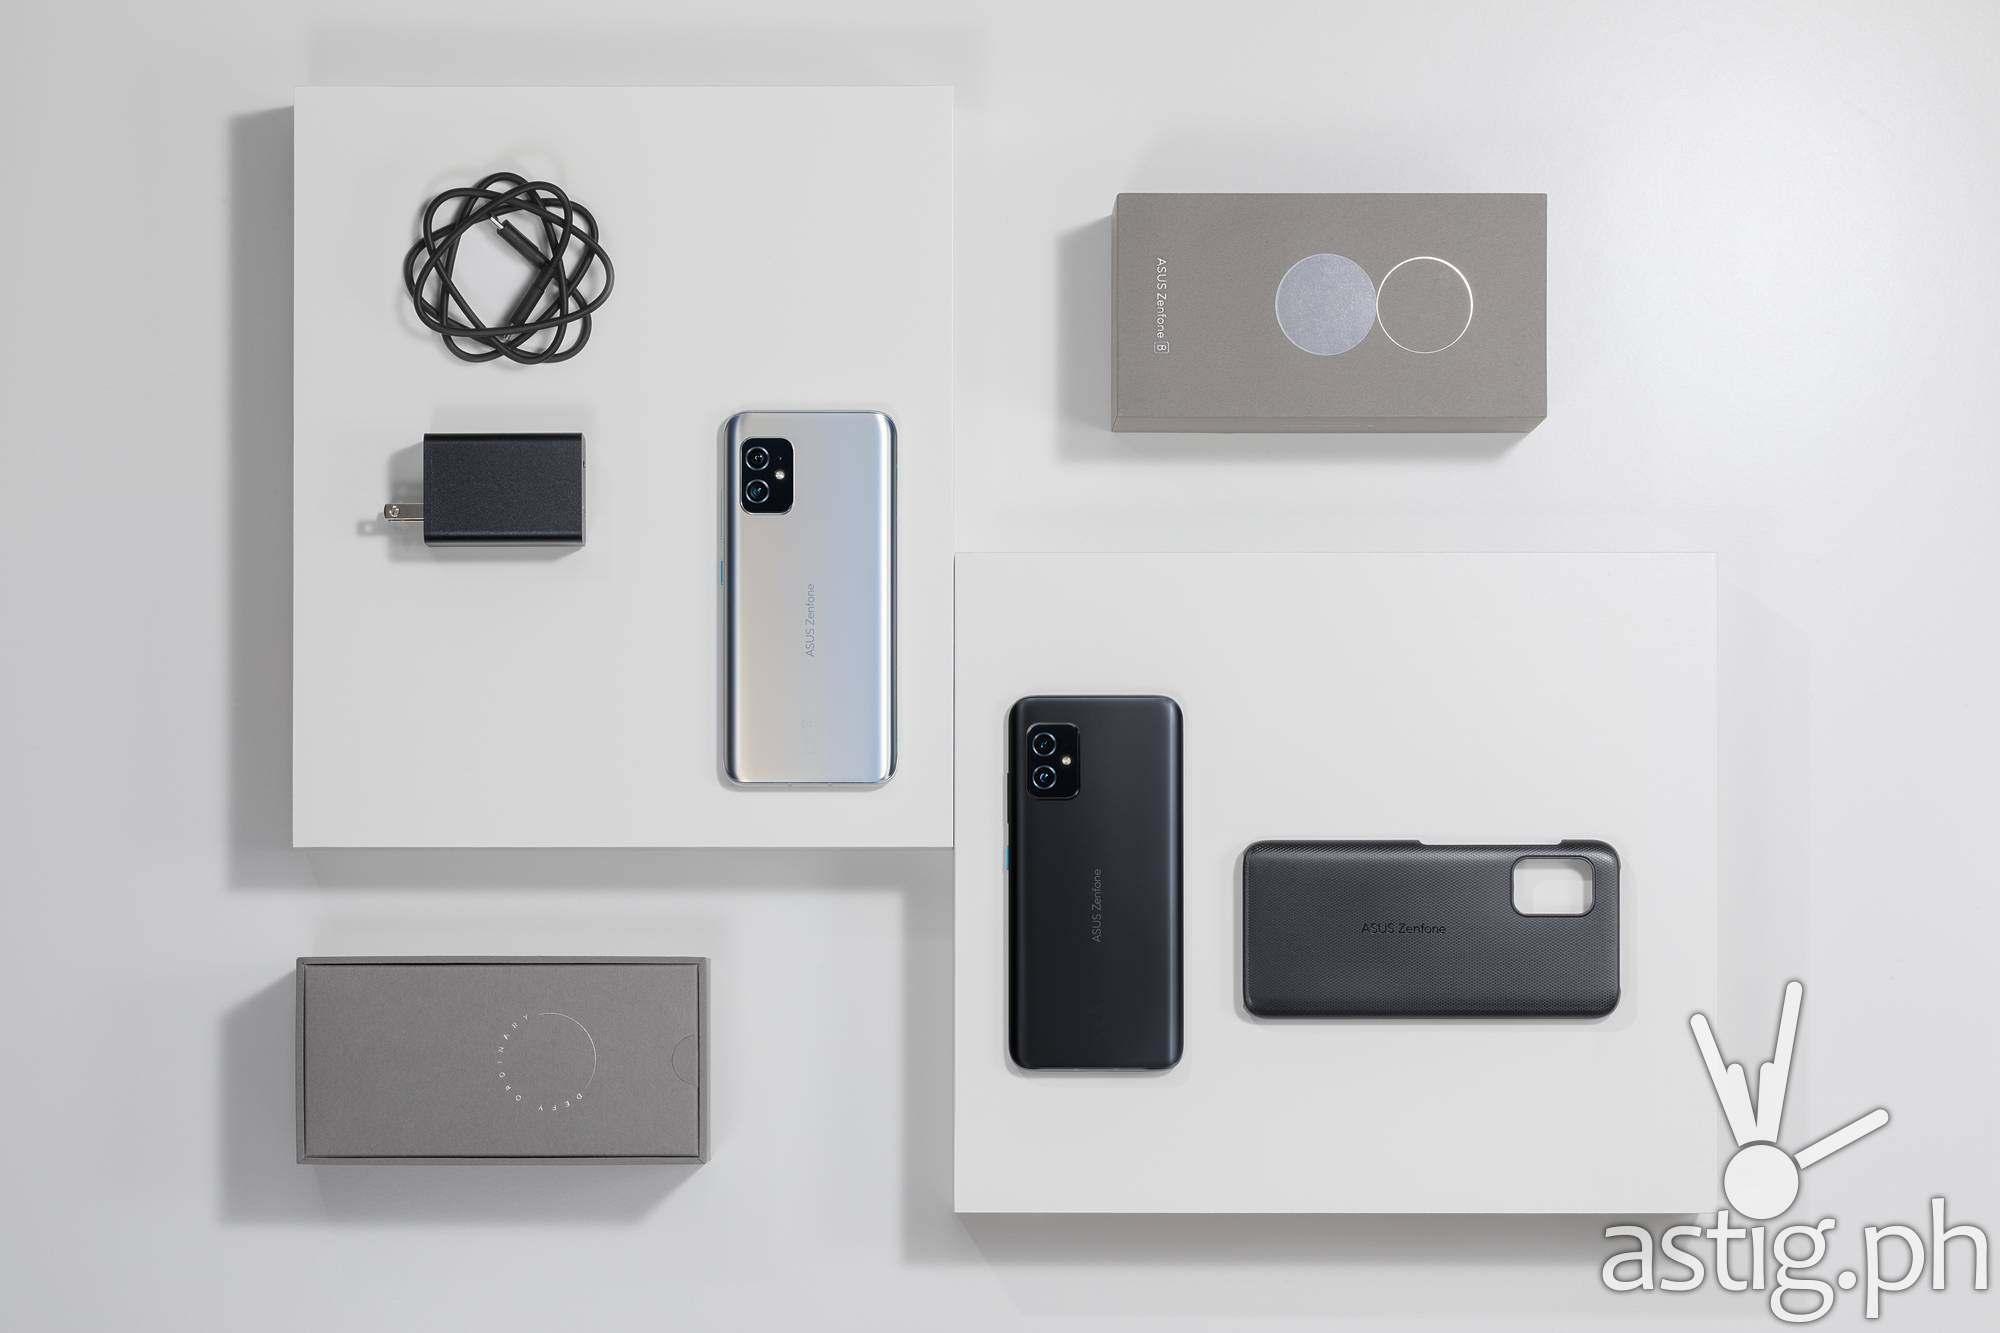 ASUS ZenFone 8 (Philippines)